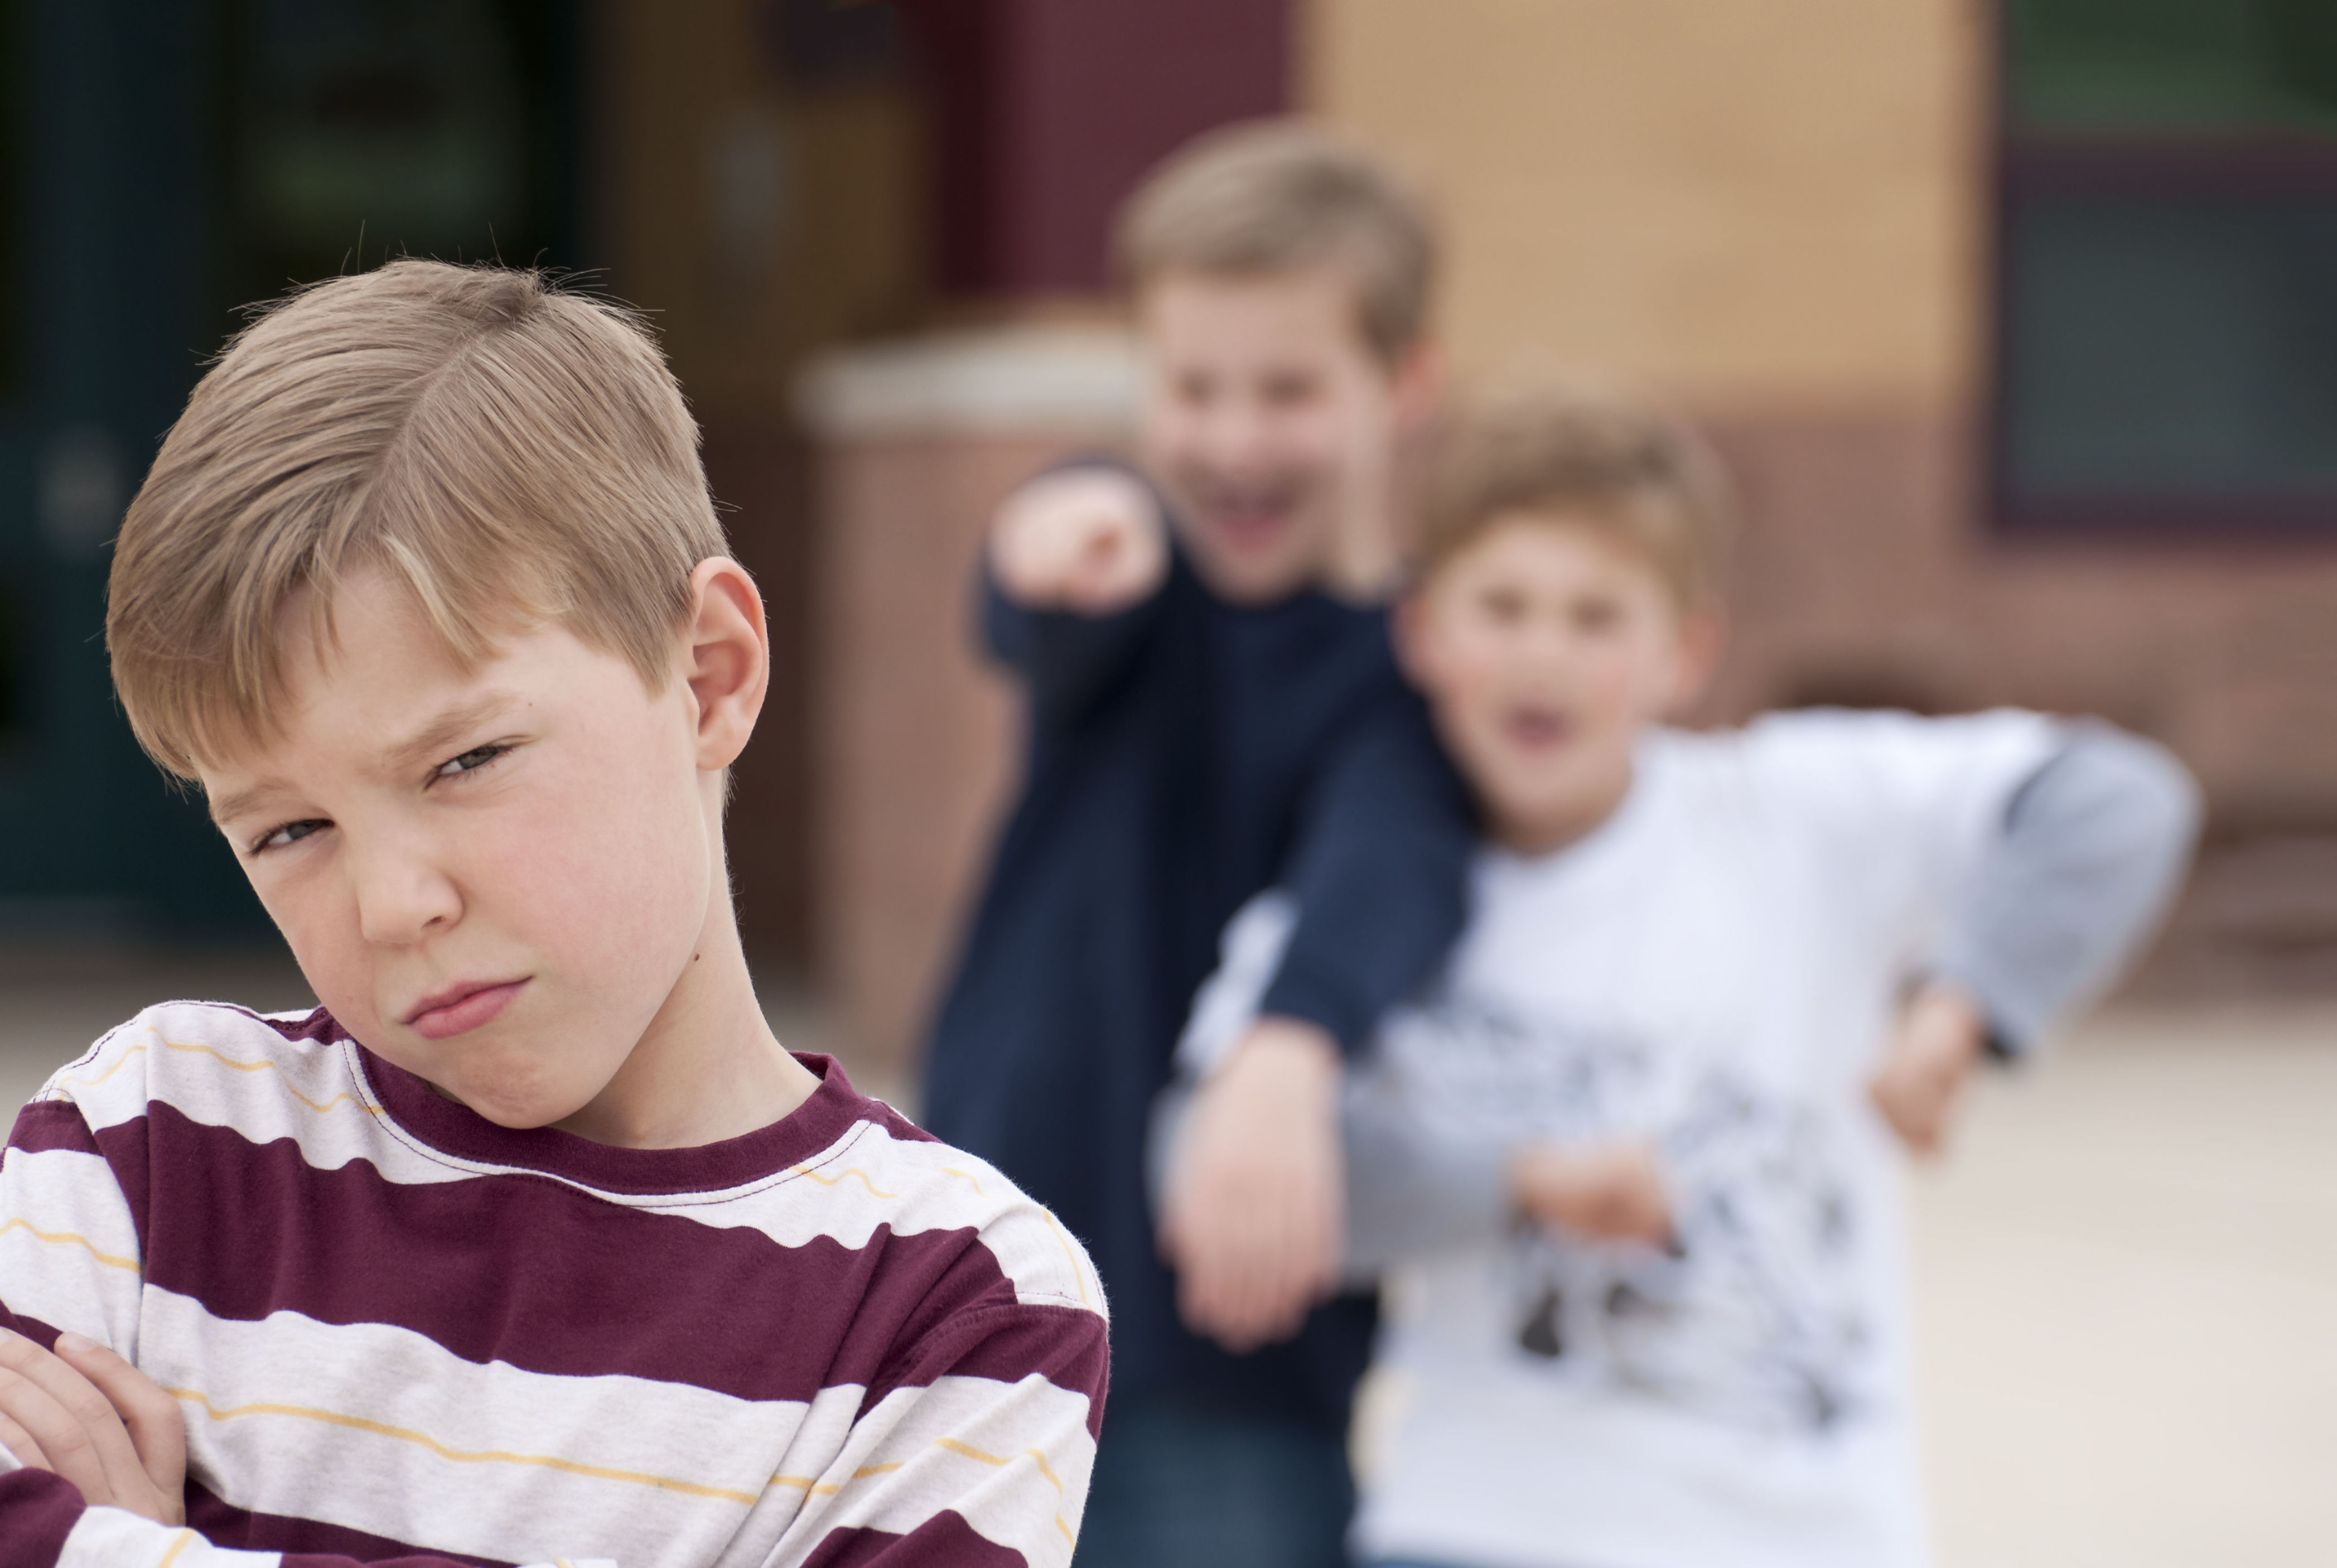 Consulta de psicología, terapia de niños